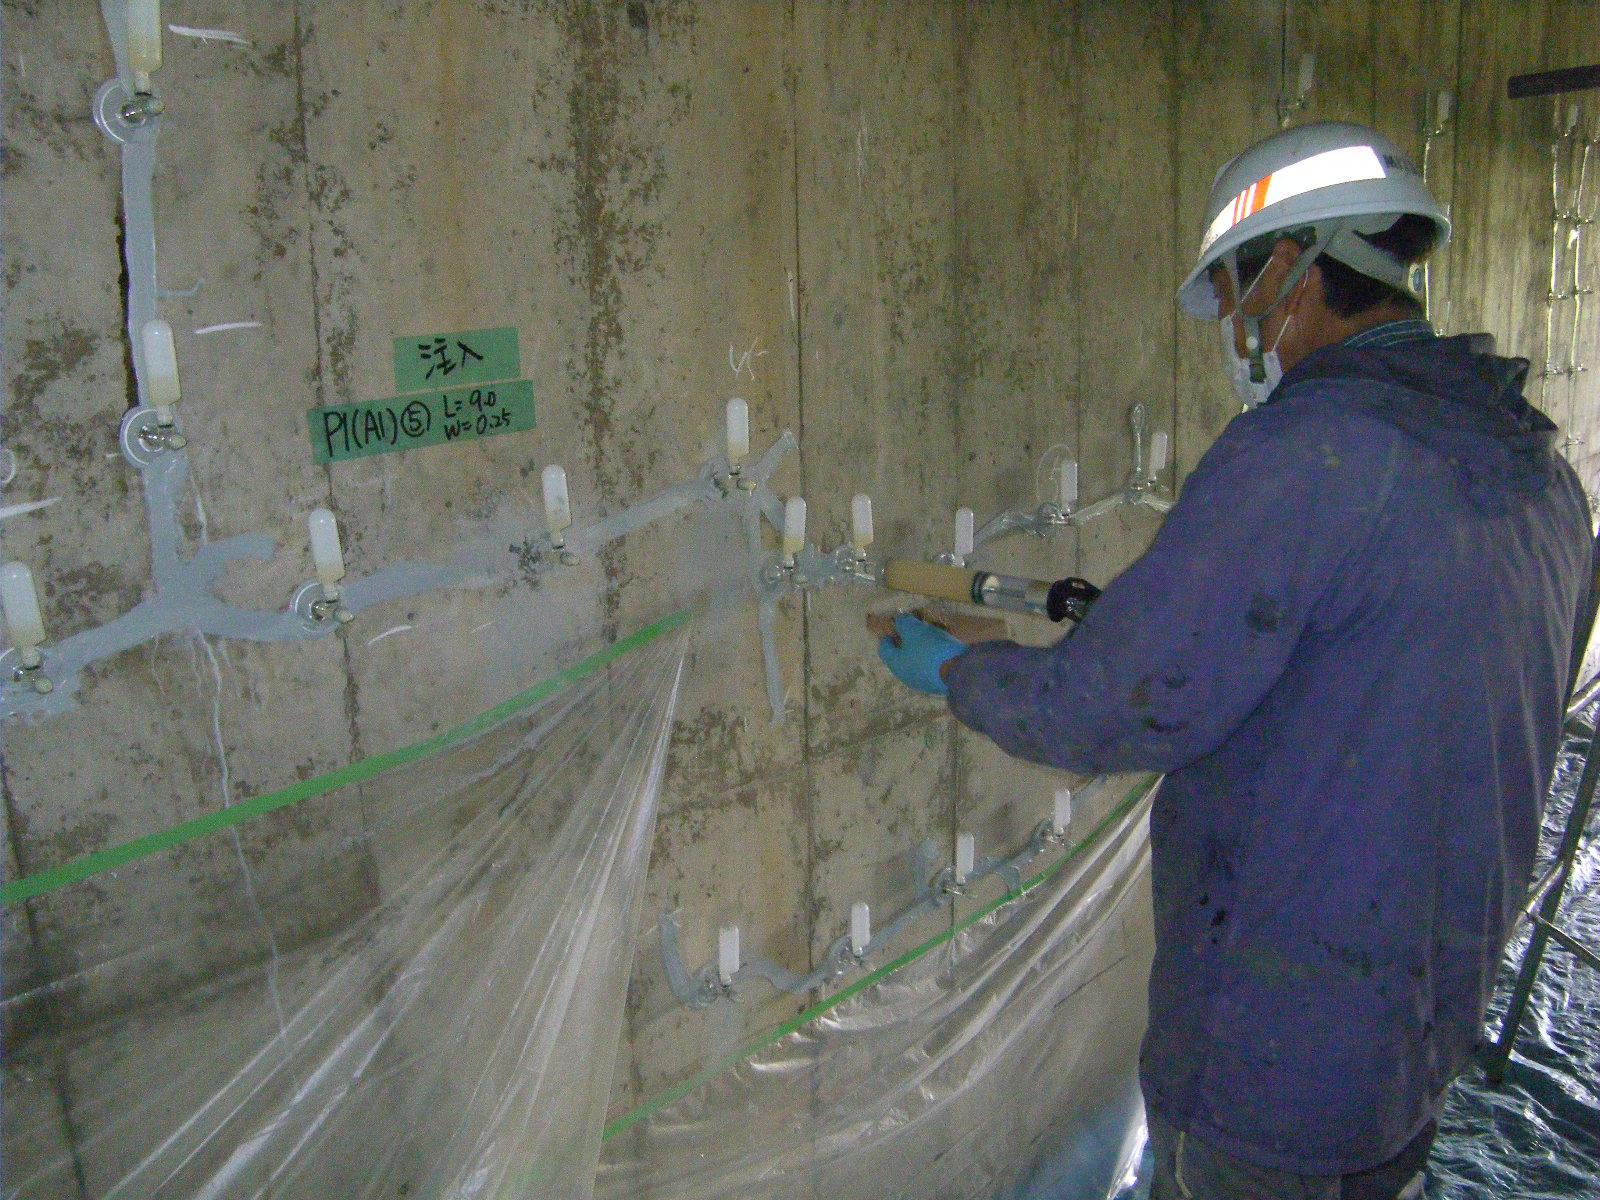 エポキシ樹脂注入による補修状況